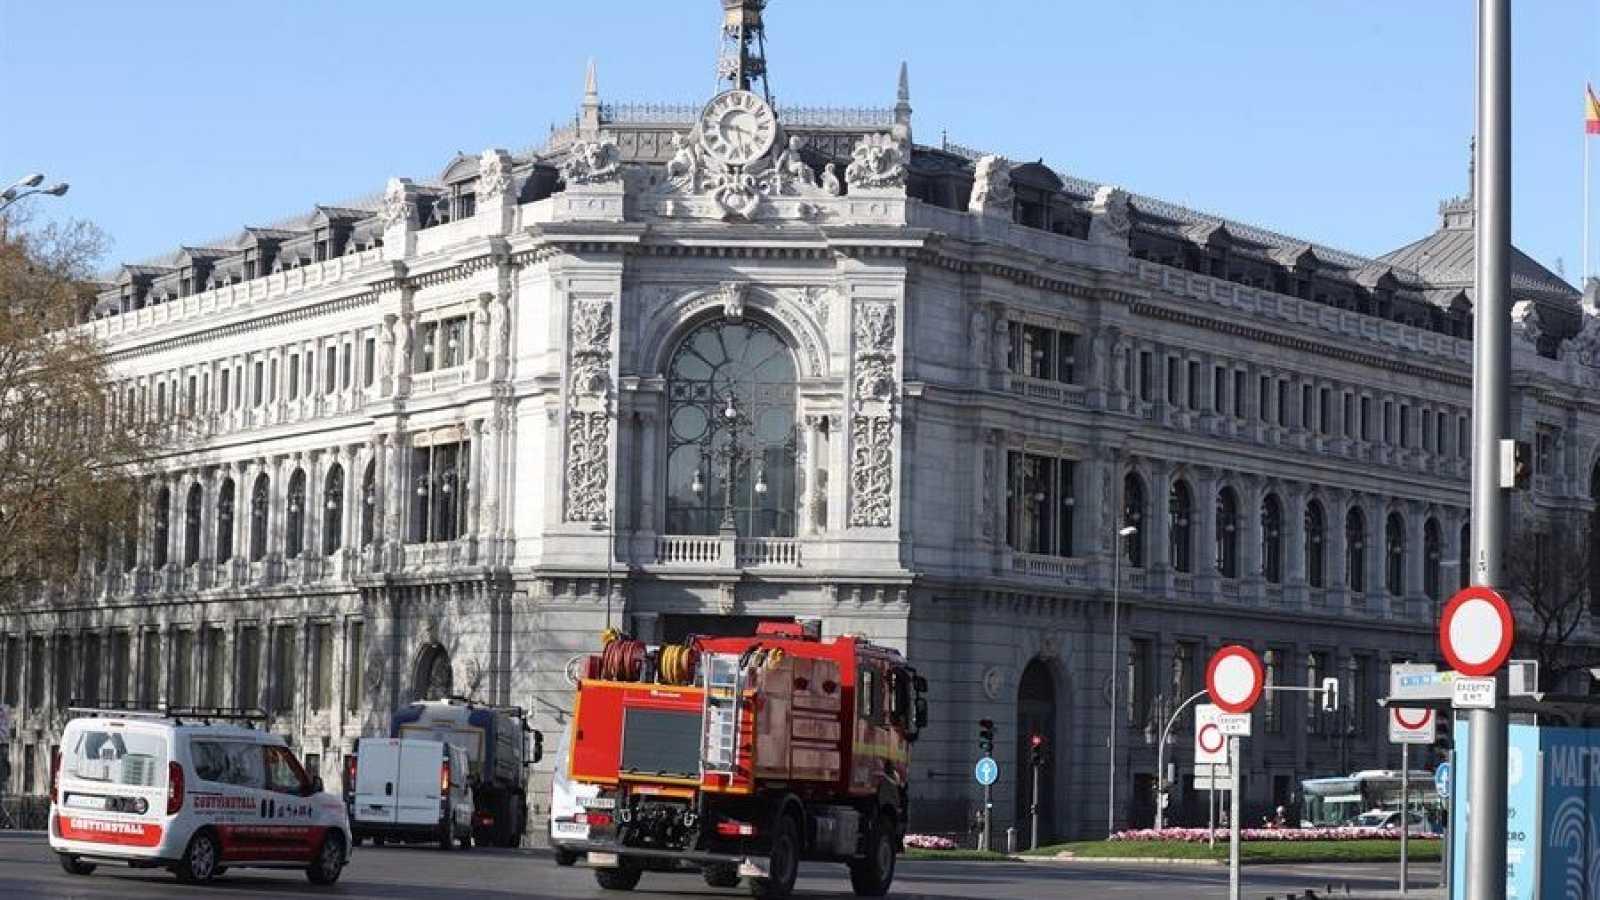 Edificio del Banco de España, en la madrileña plaza de Cibeles.